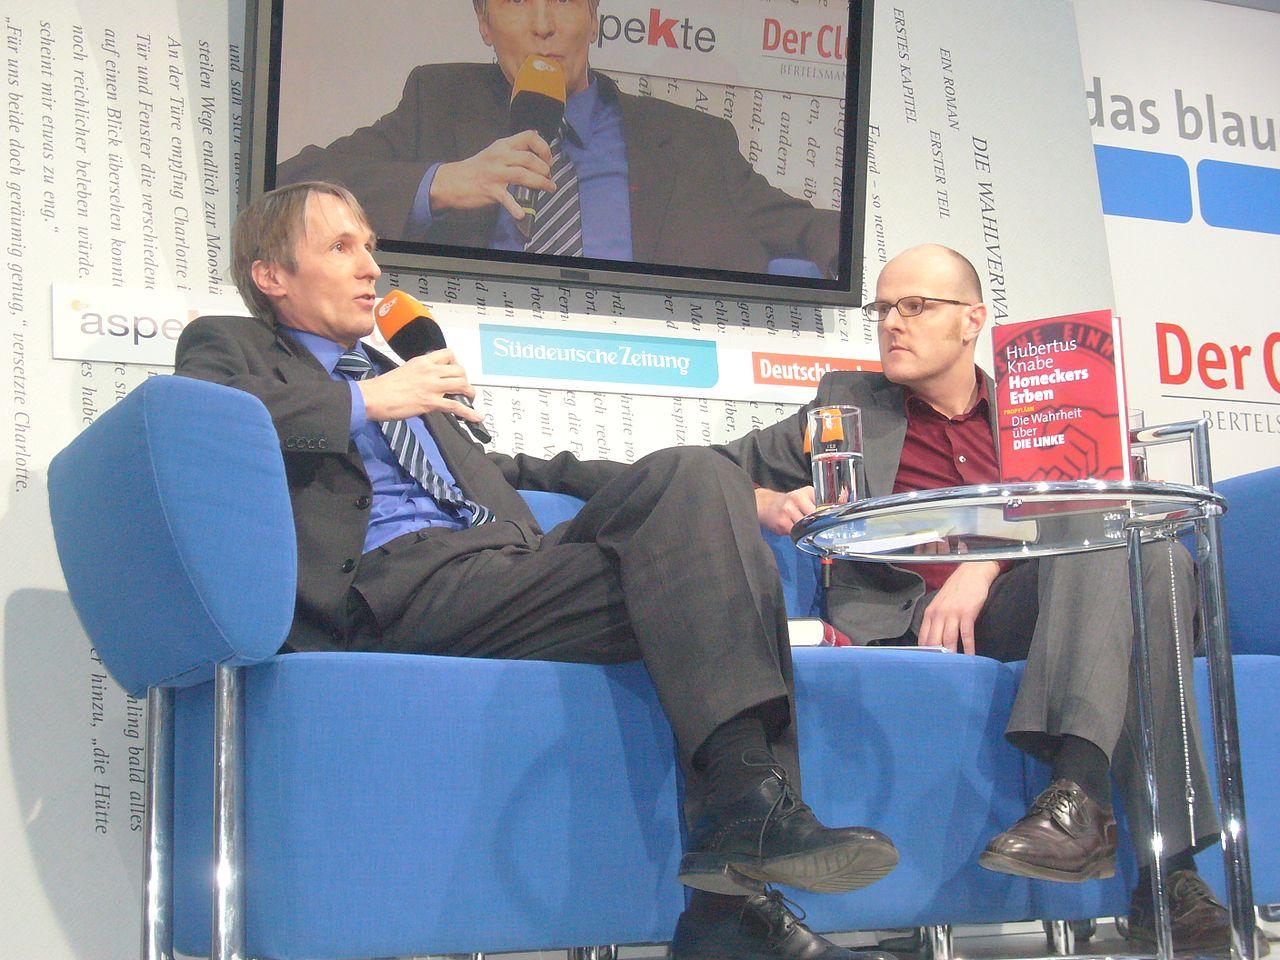 Hubertus Knabe auf dem Blauen Sofa (6318869369).jpg